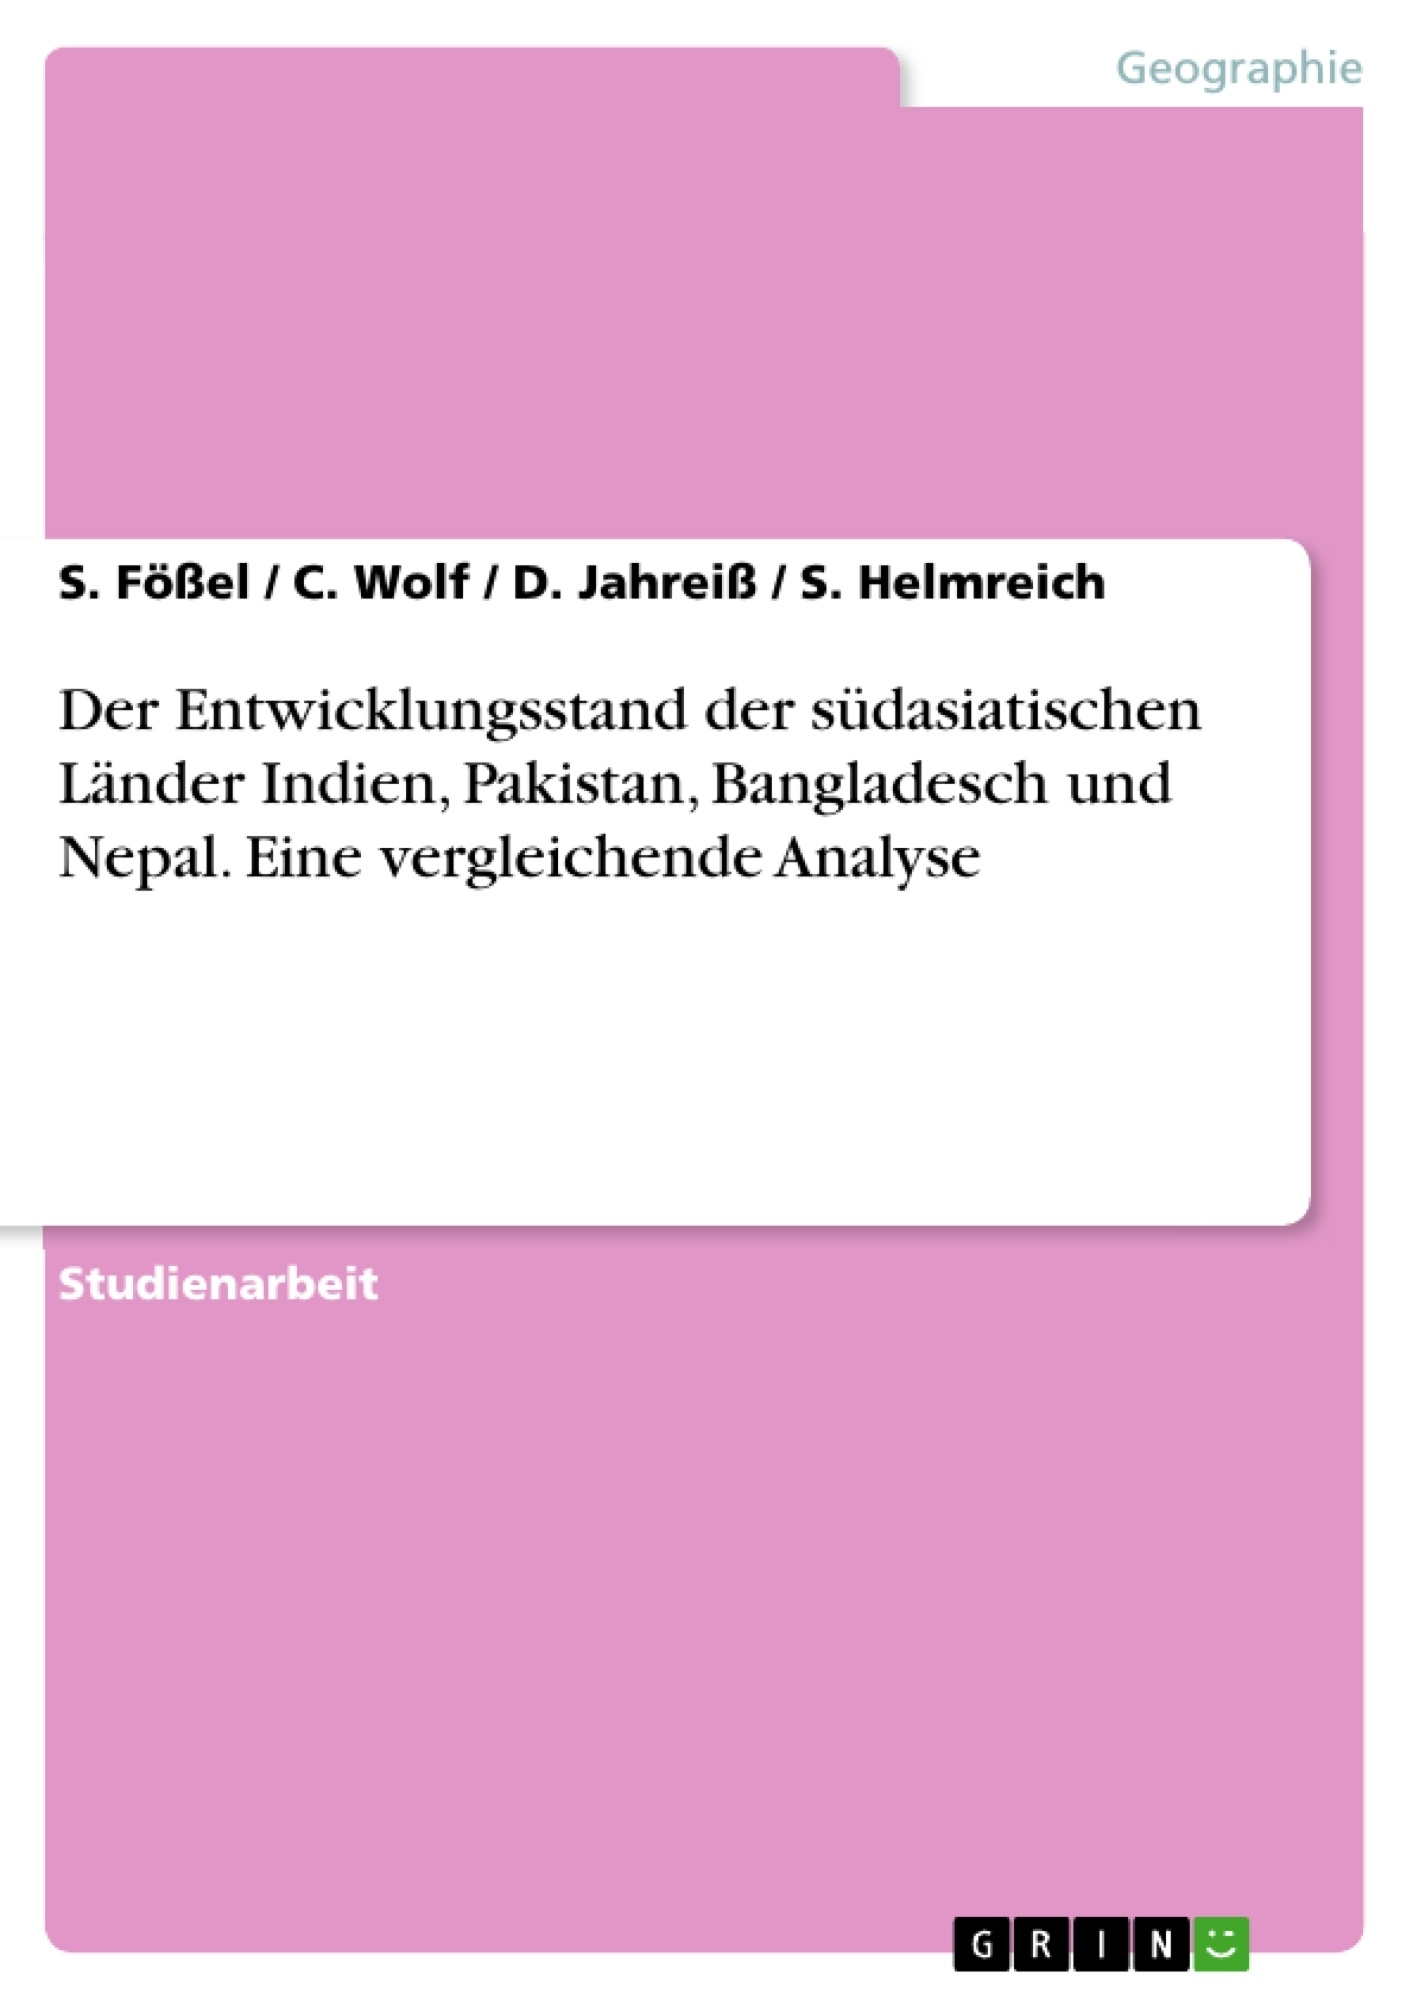 Titel: Der Entwicklungsstand der südasiatischen Länder Indien, Pakistan, Bangladesch und Nepal. Eine vergleichende Analyse